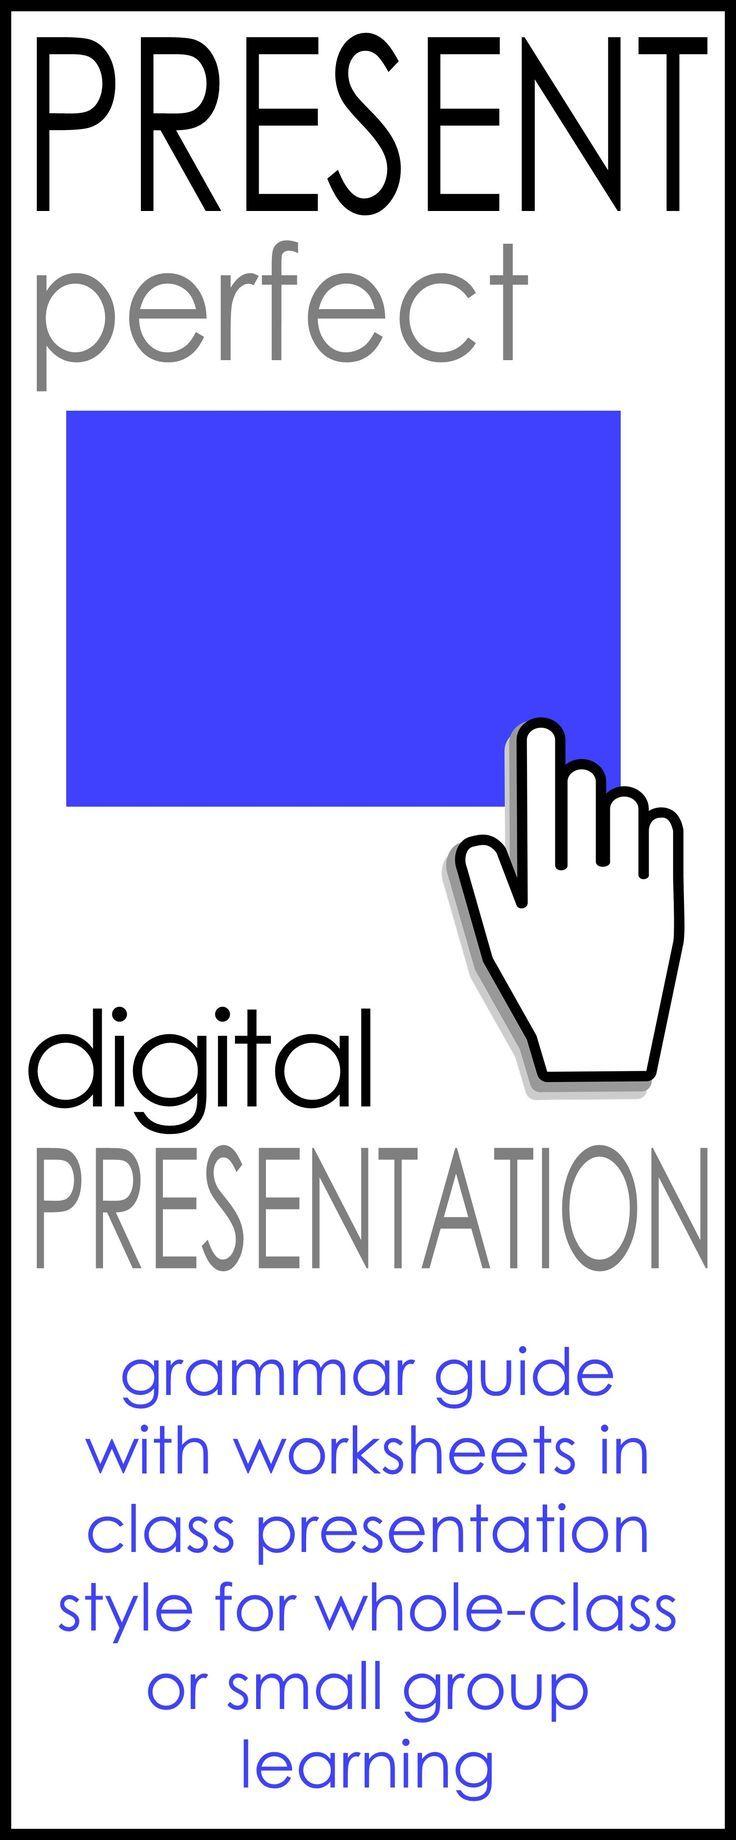 Present Perfect Digit L Present Ti W Ksheets Students Nd